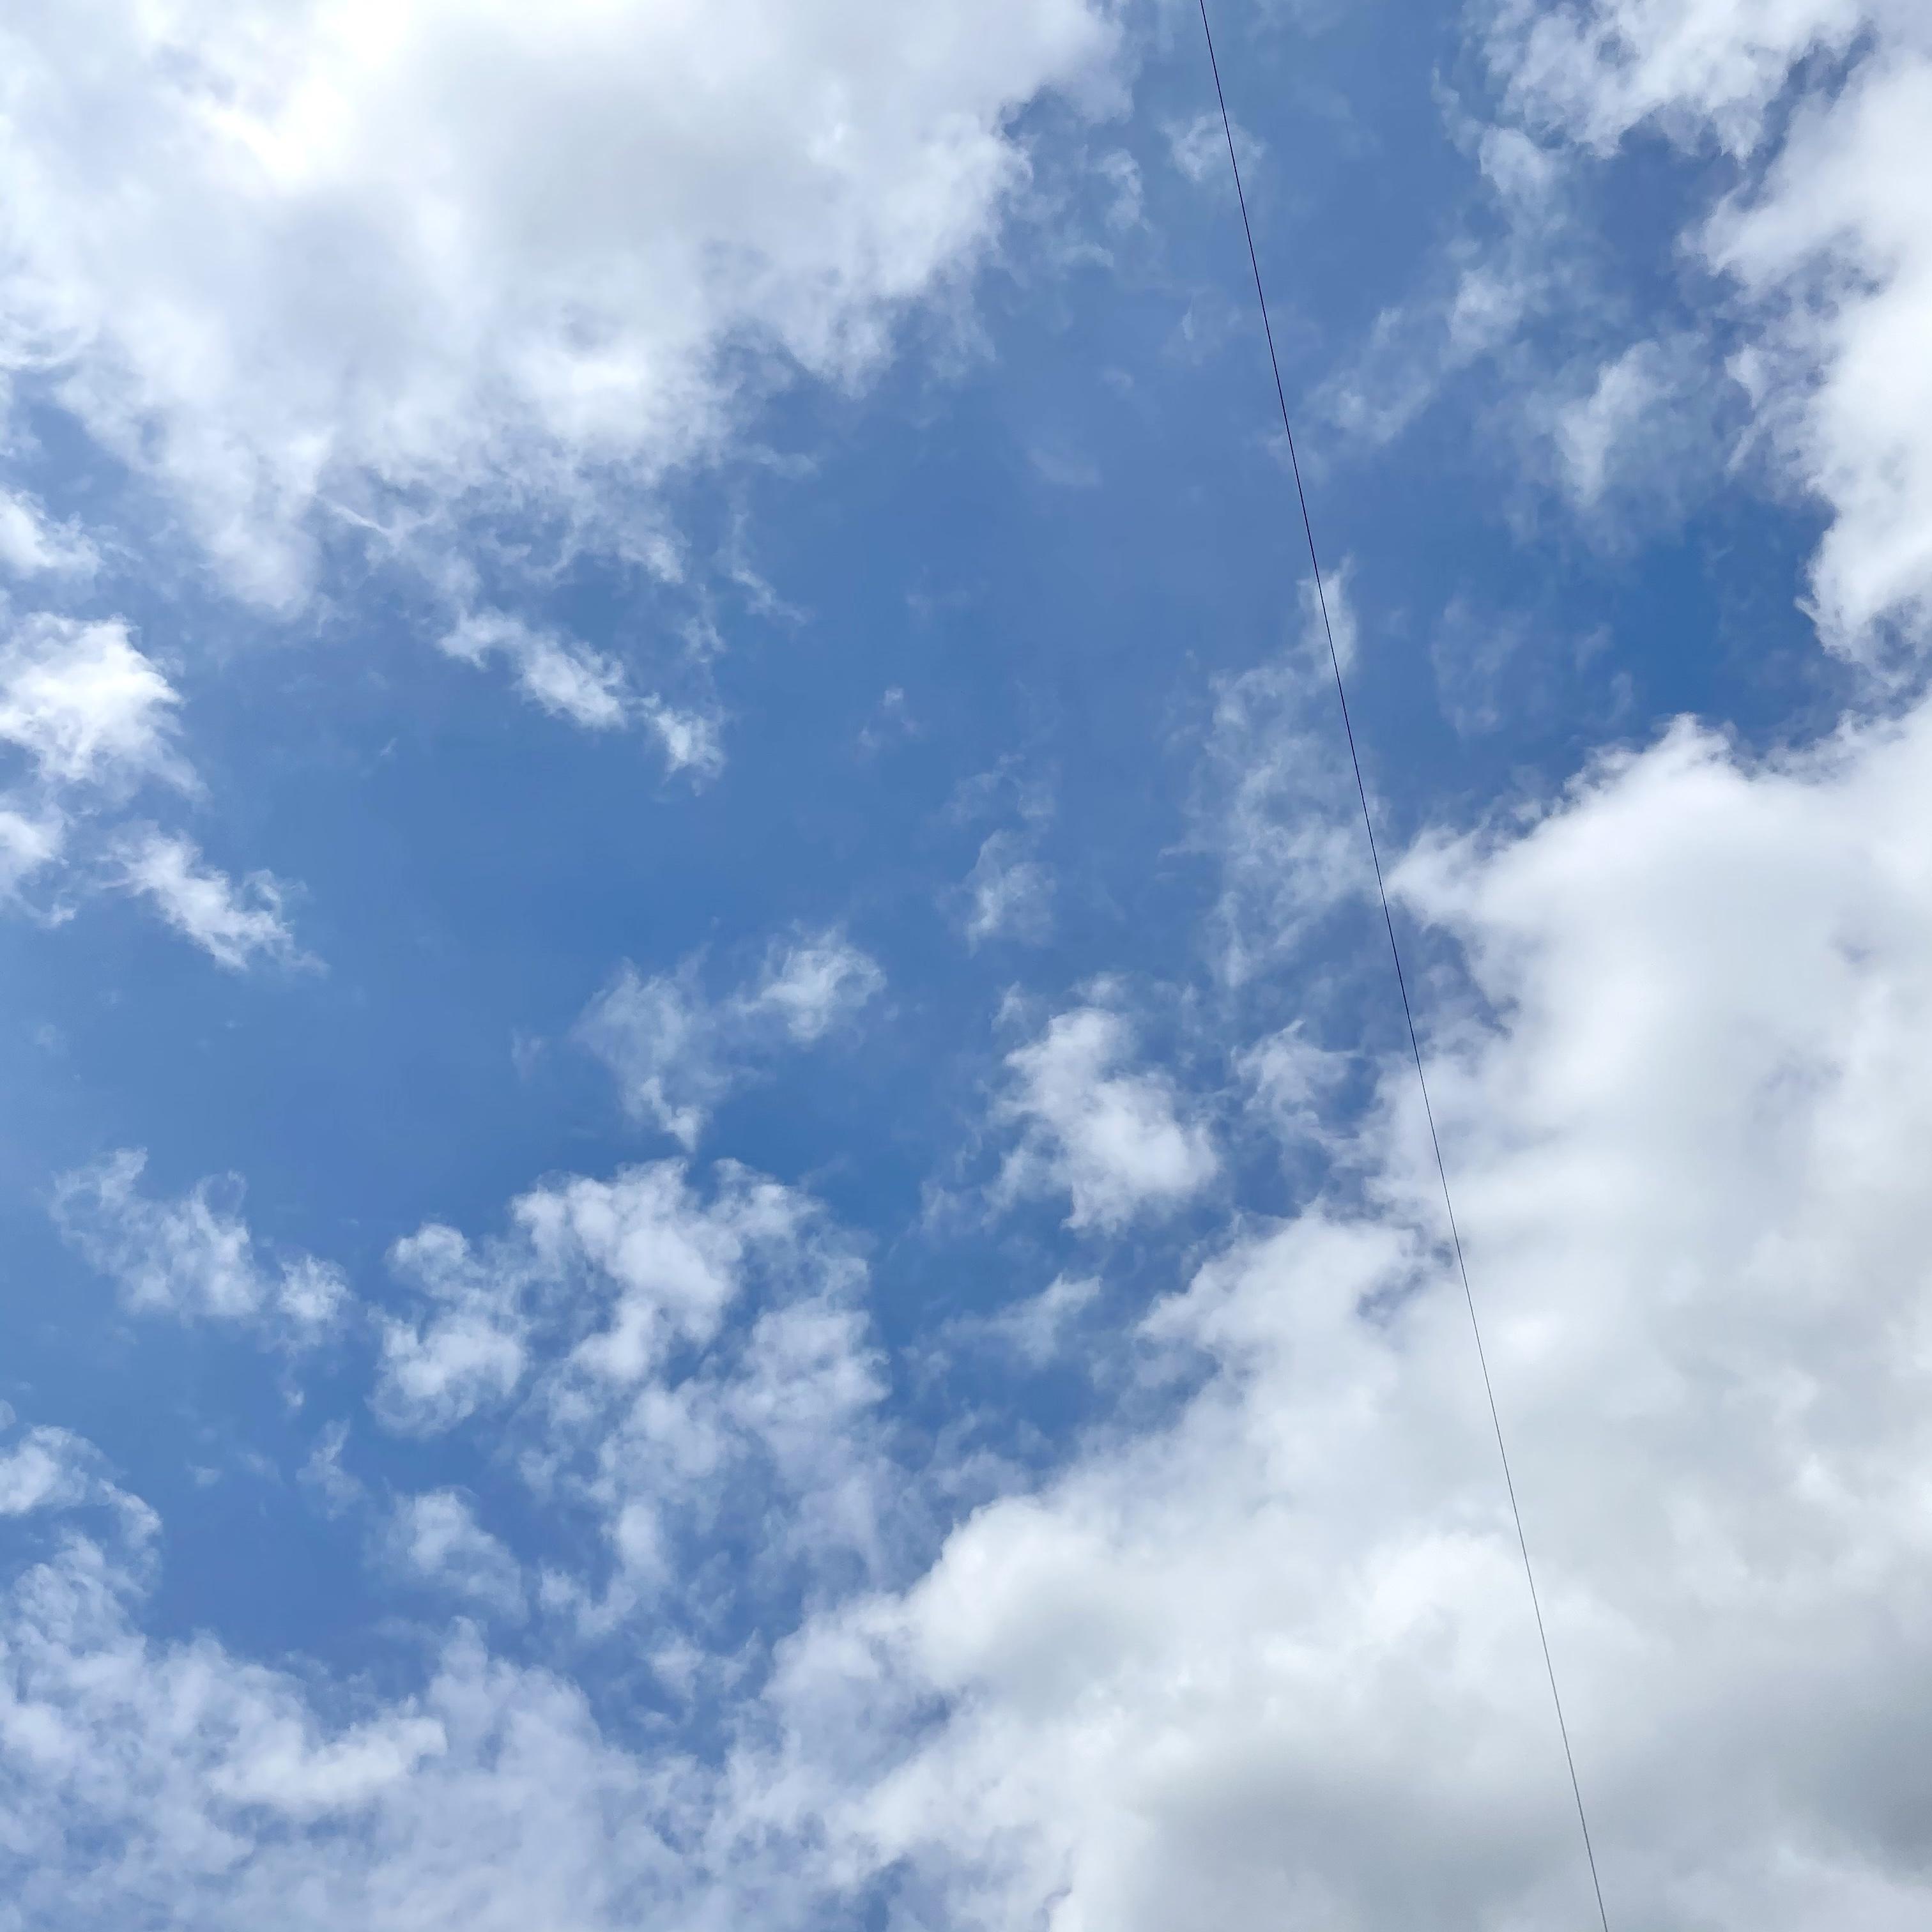 여기 구름사진에 전깃줄 좀 지워주실 천사님 계신가요...🥺 | 인스티즈